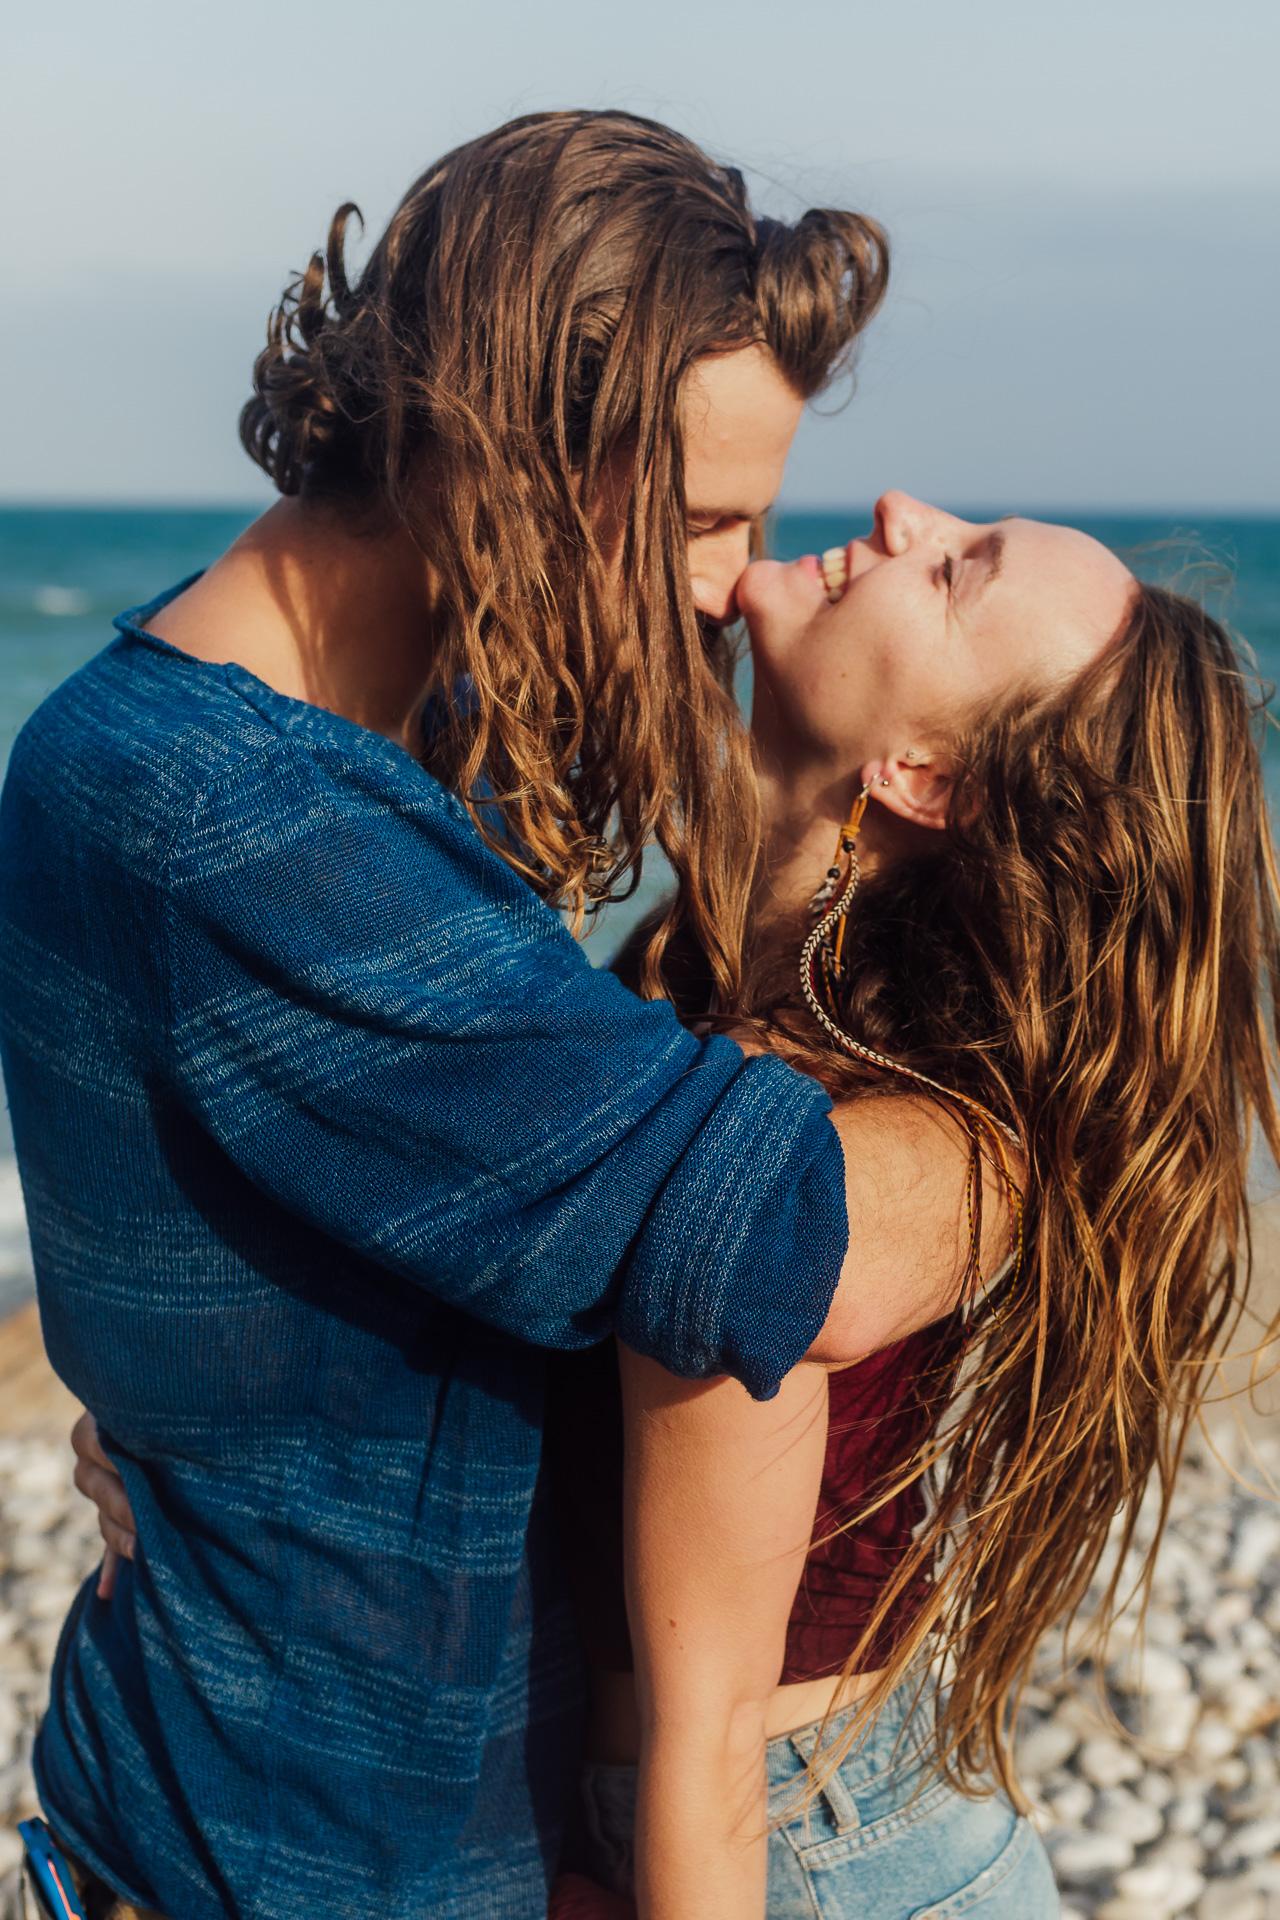 Couples -